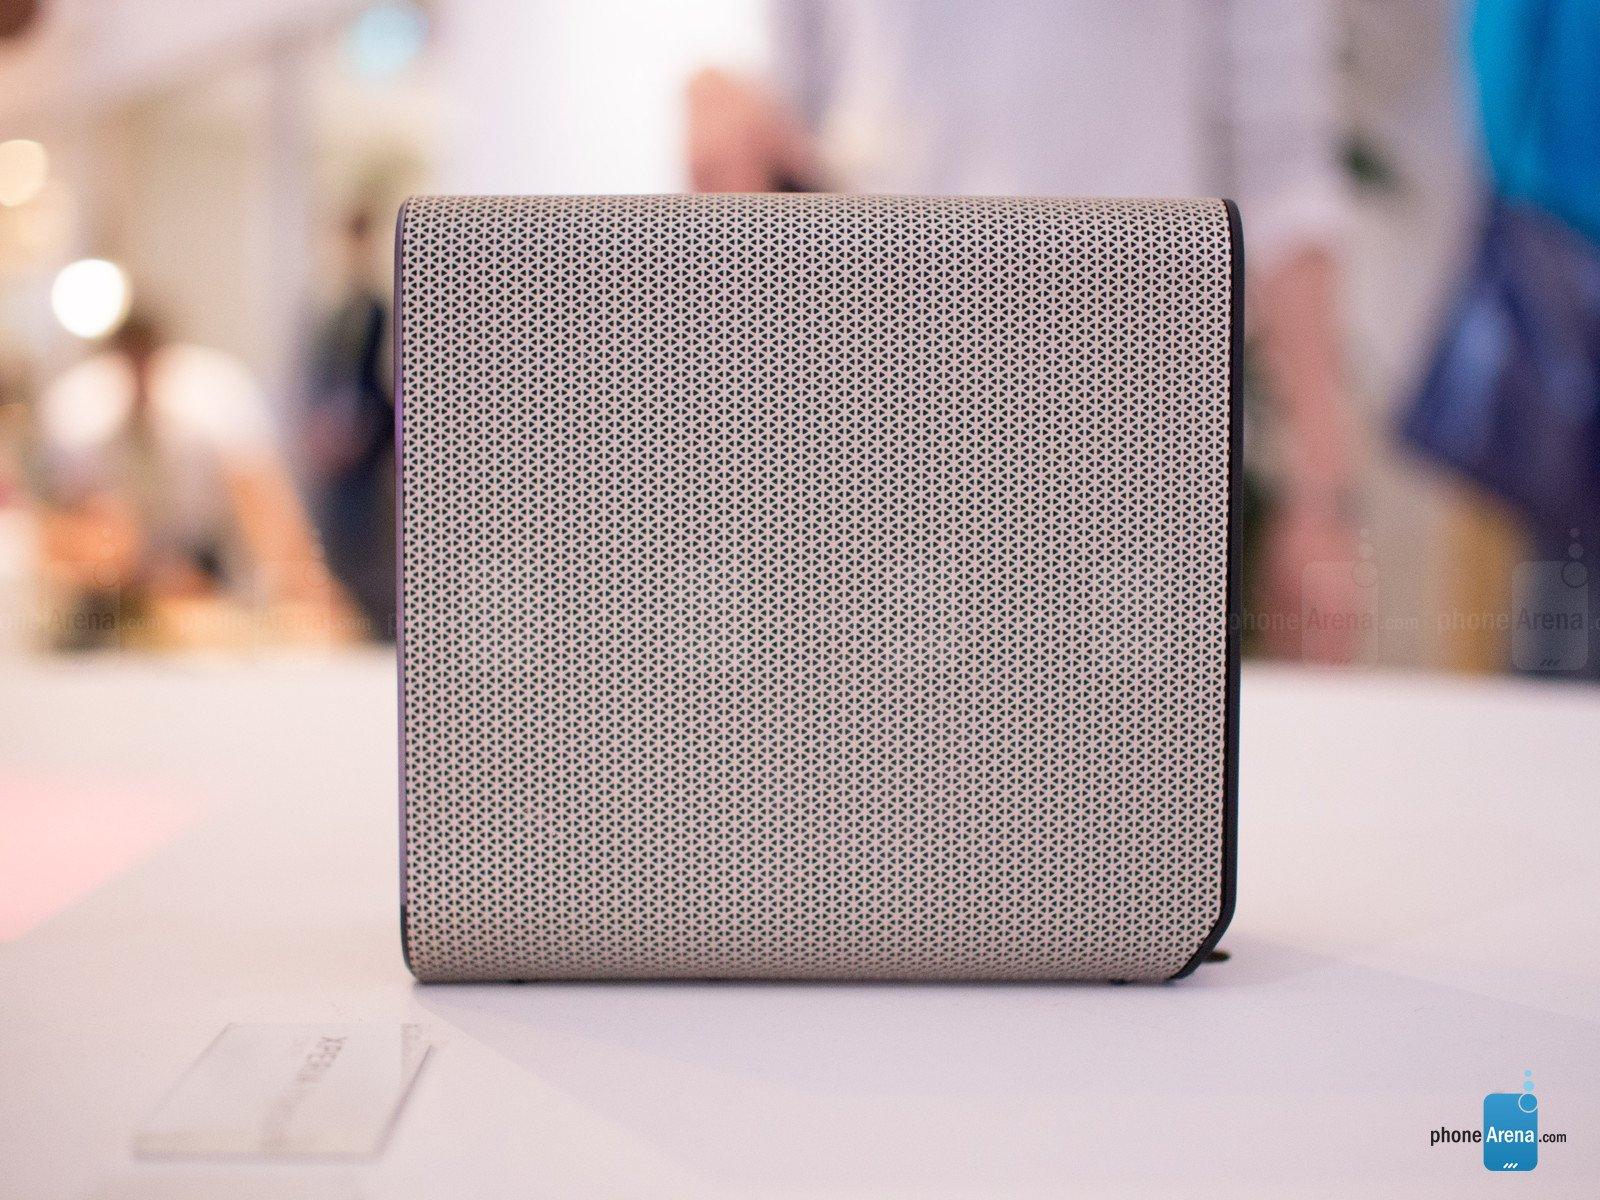 Sony Xperia X Compact si mostra in una foto leak